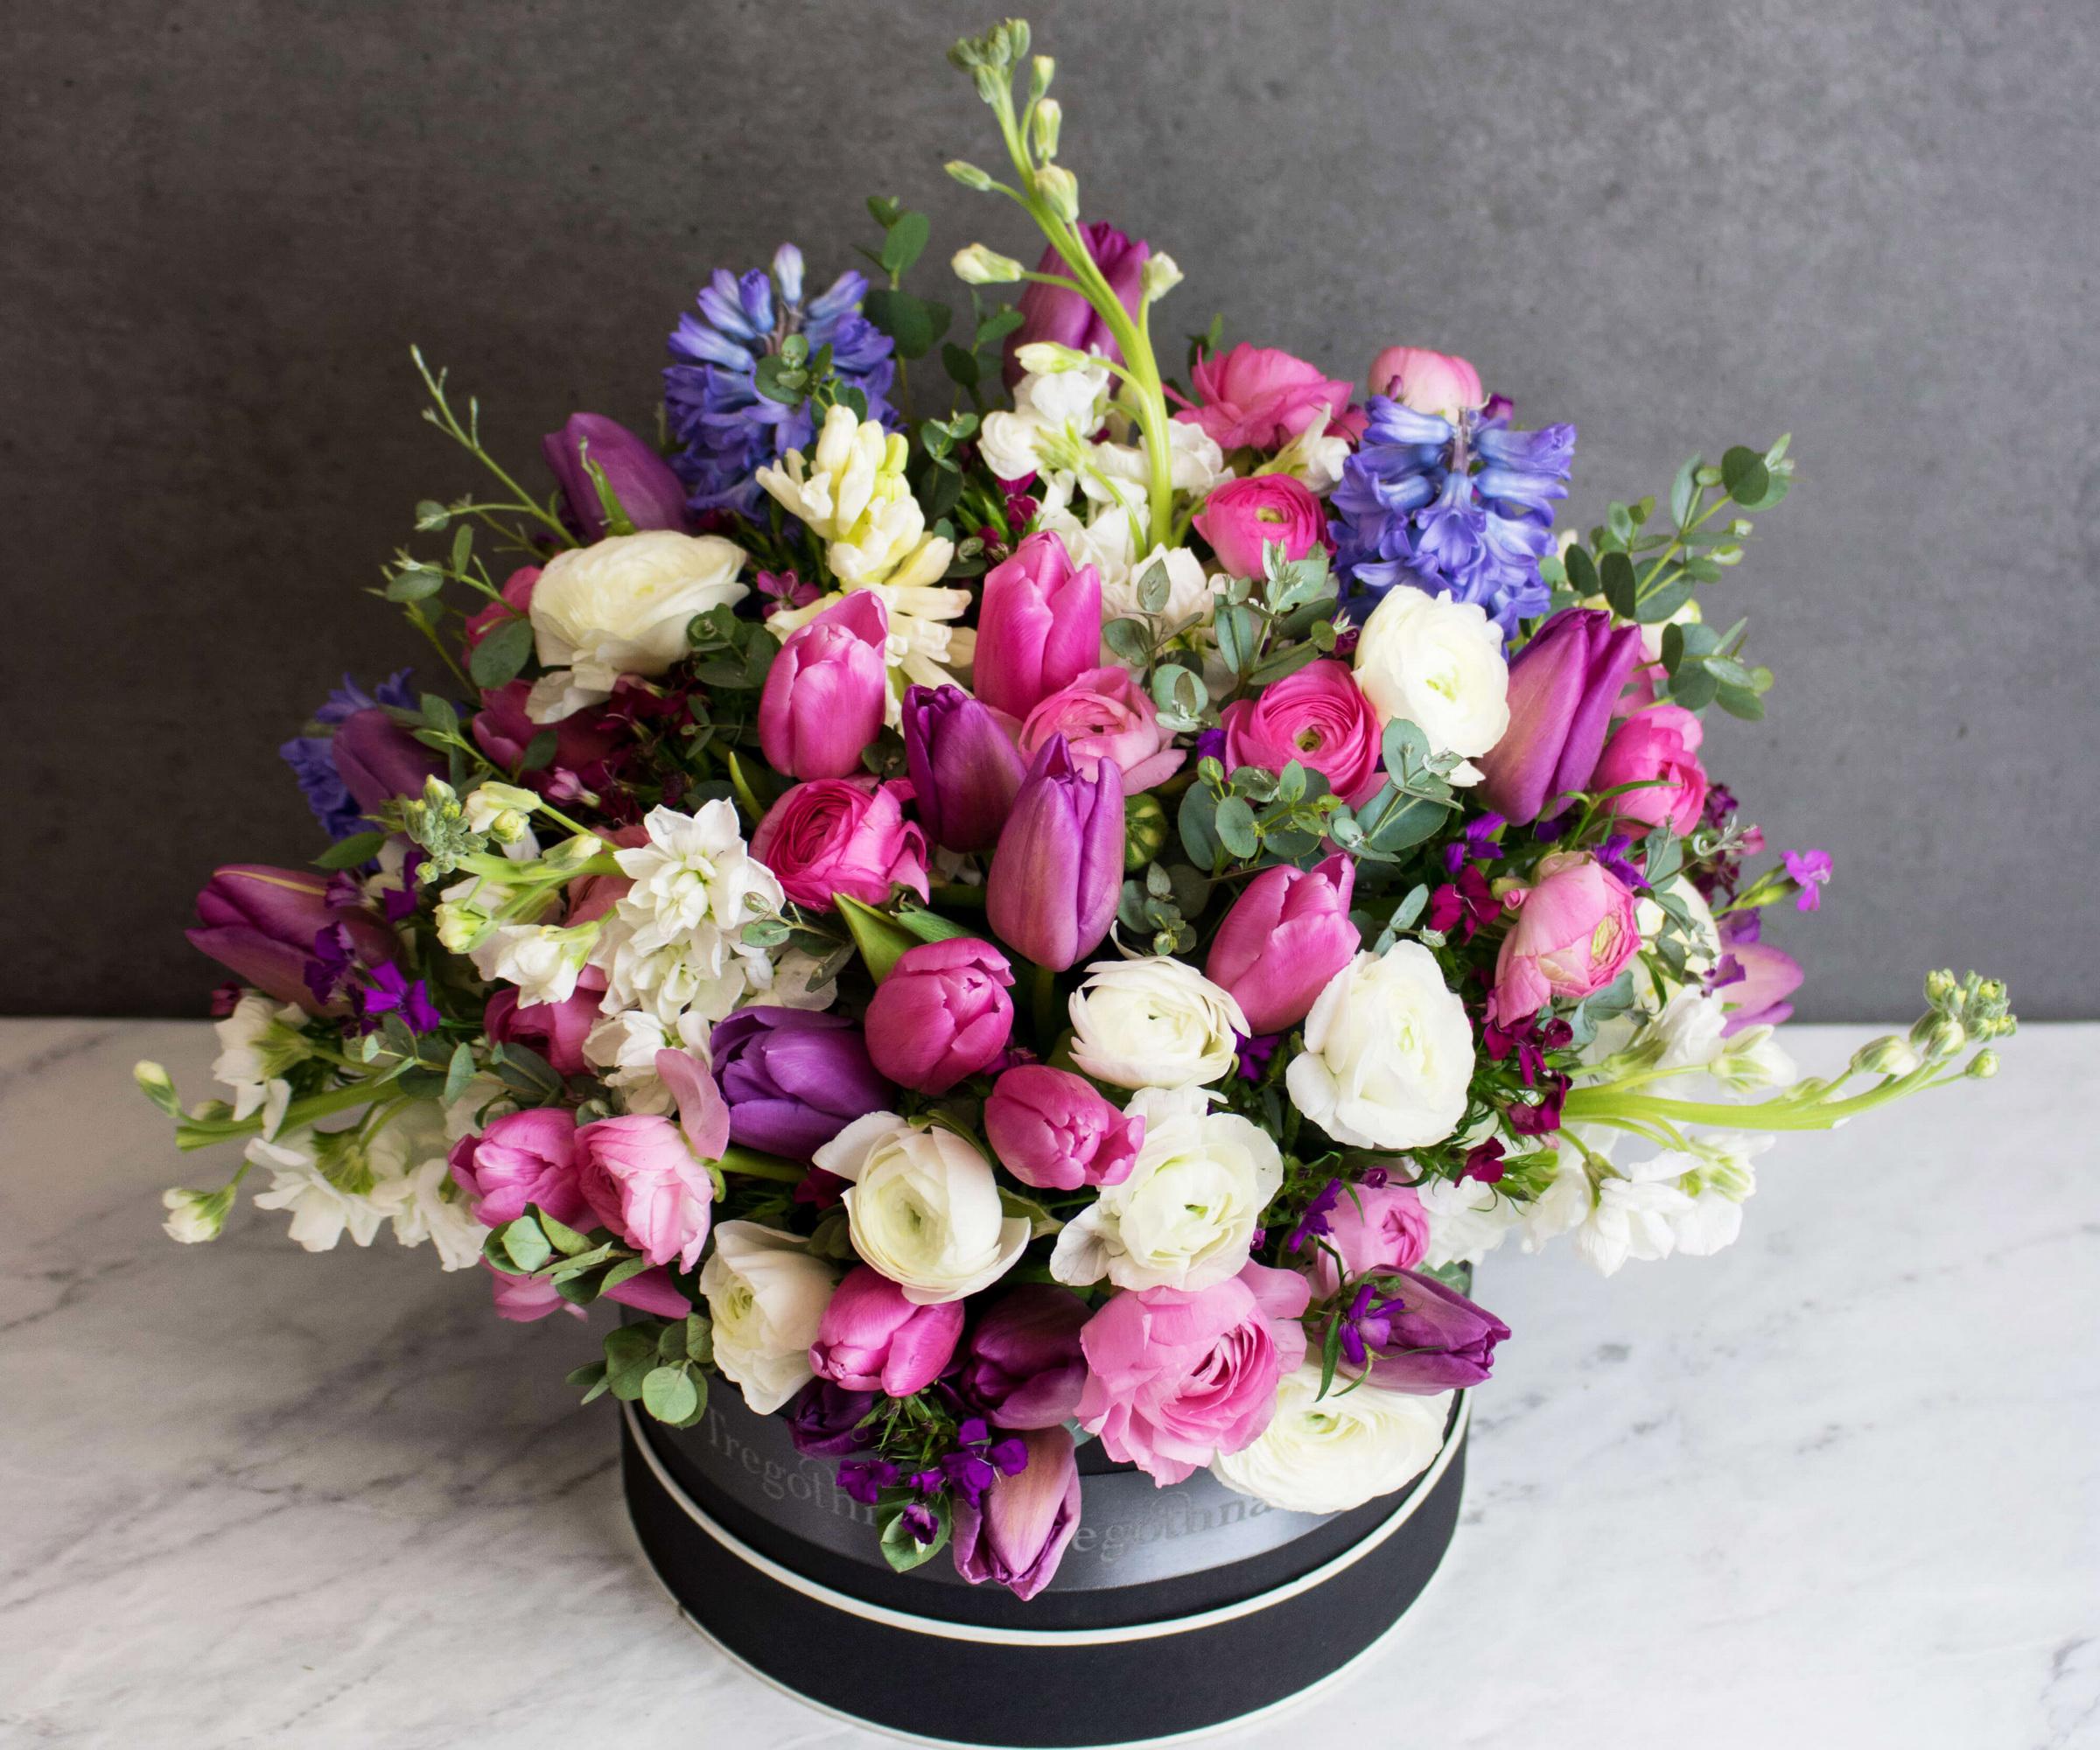 автомобиля цветы картинки букеты роз и тюльпанов прекрасно подходит